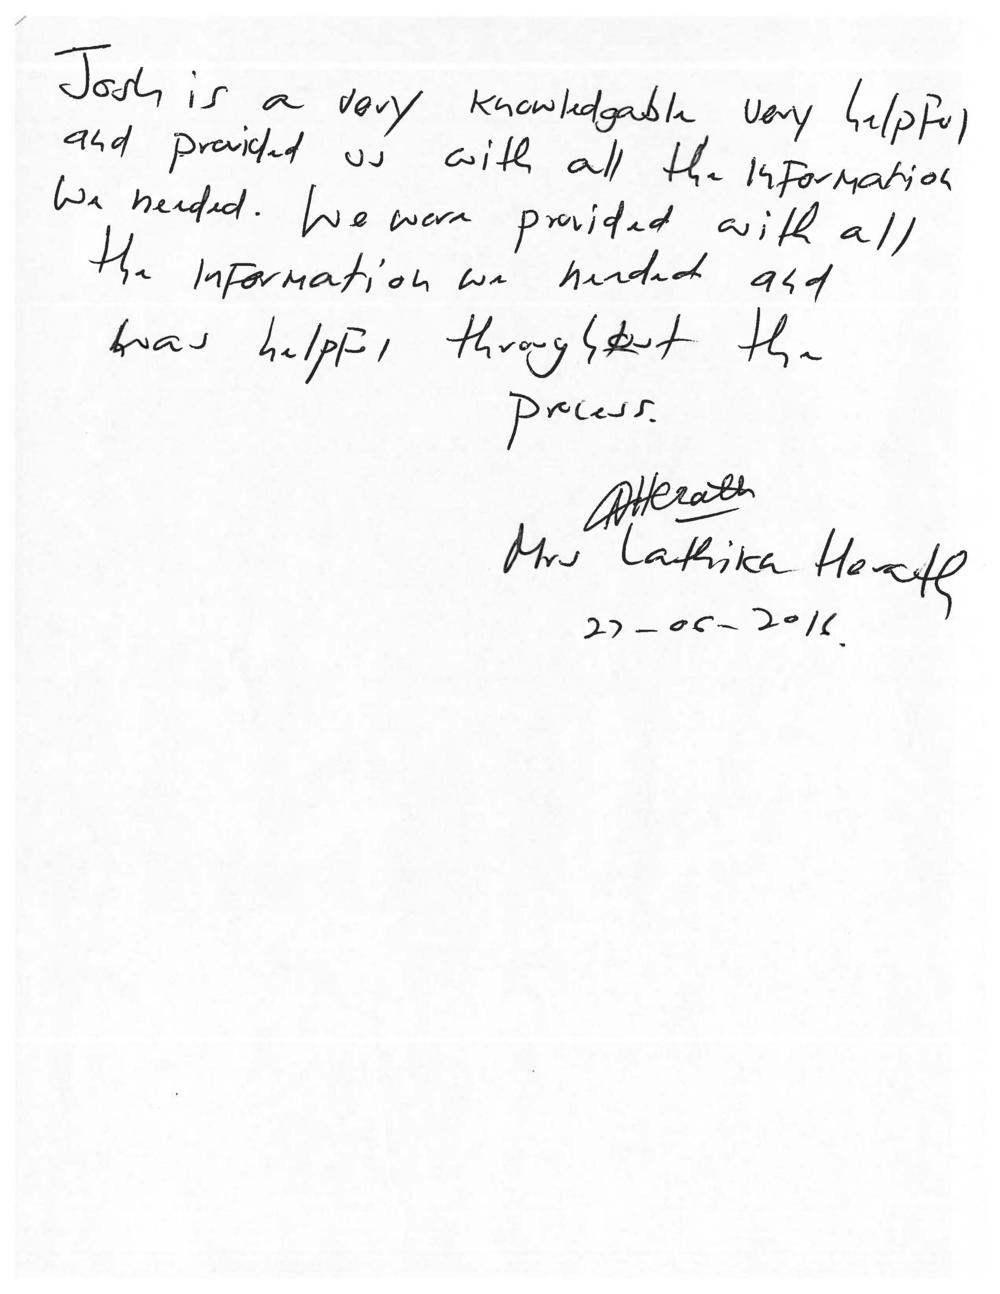 Lathika Herath_Testimonial.jpg